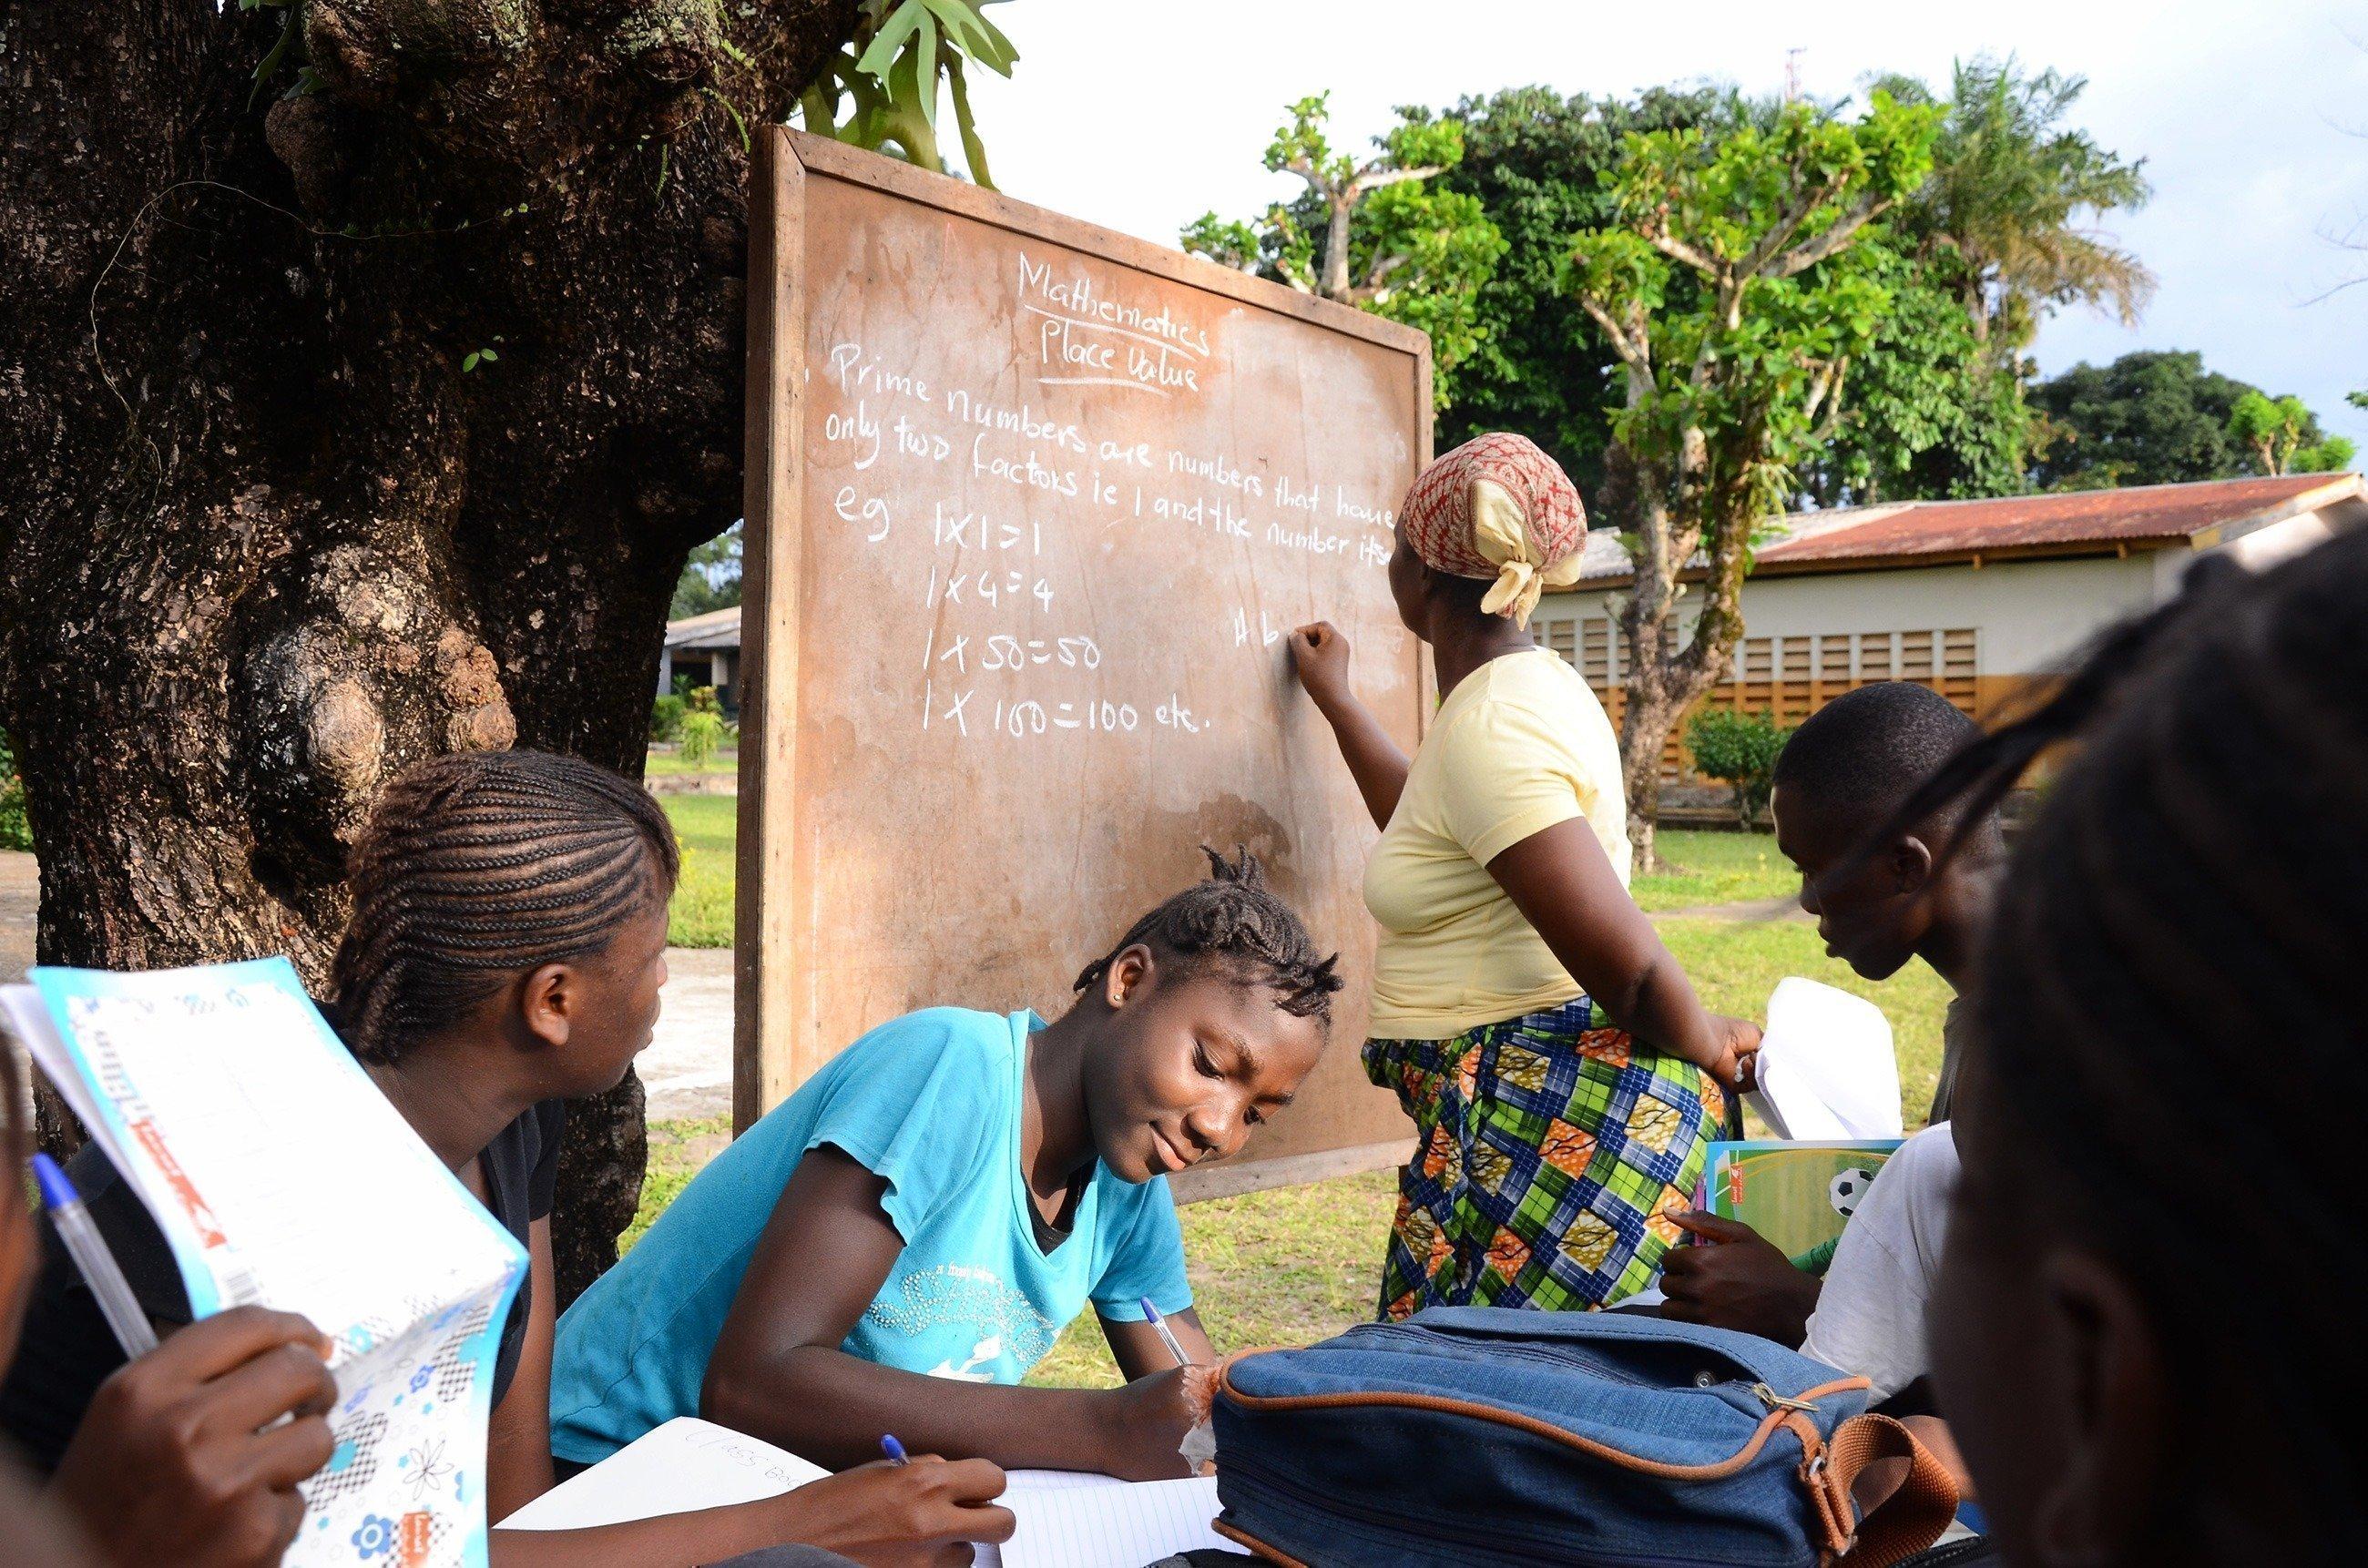 Des enfants apprennent la leçon sur une ardoise.